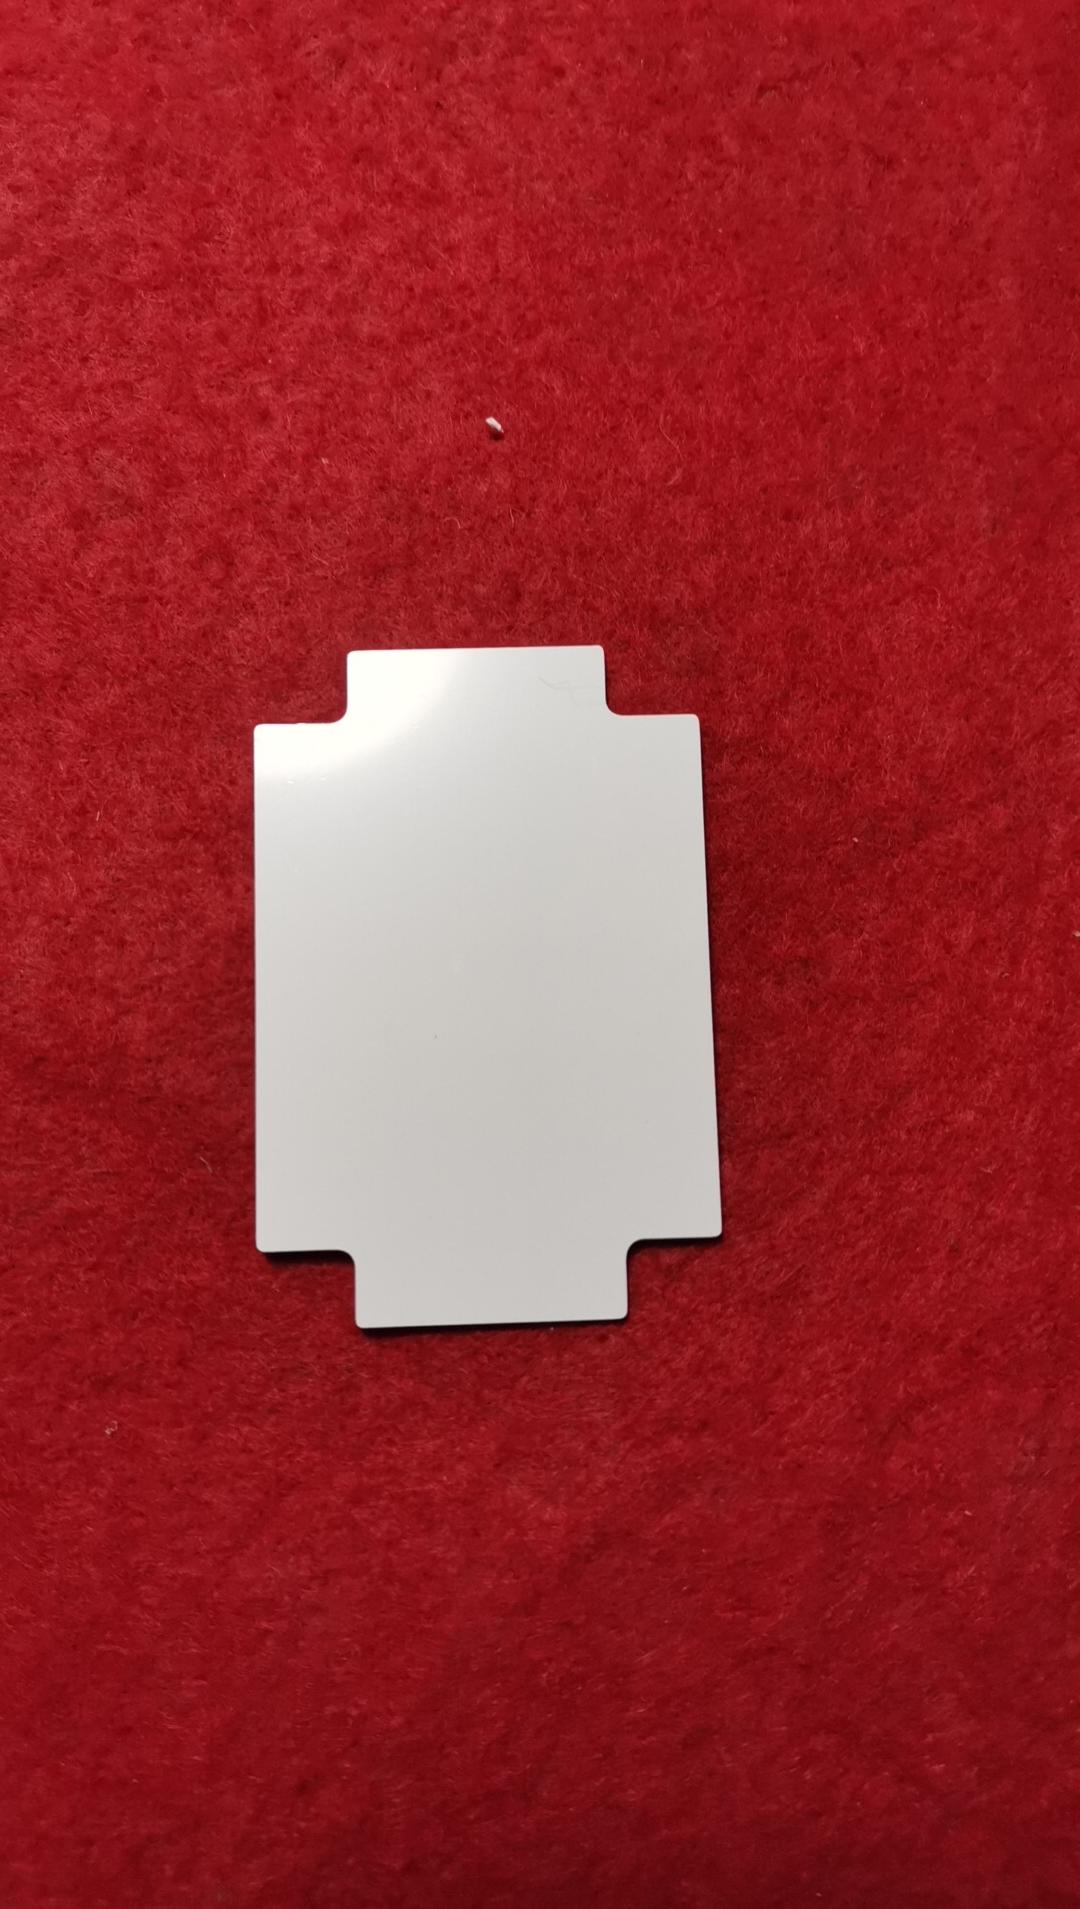 宁波安君有机玻璃亚克力制品厂定制ABS塑料加工设备配件面板